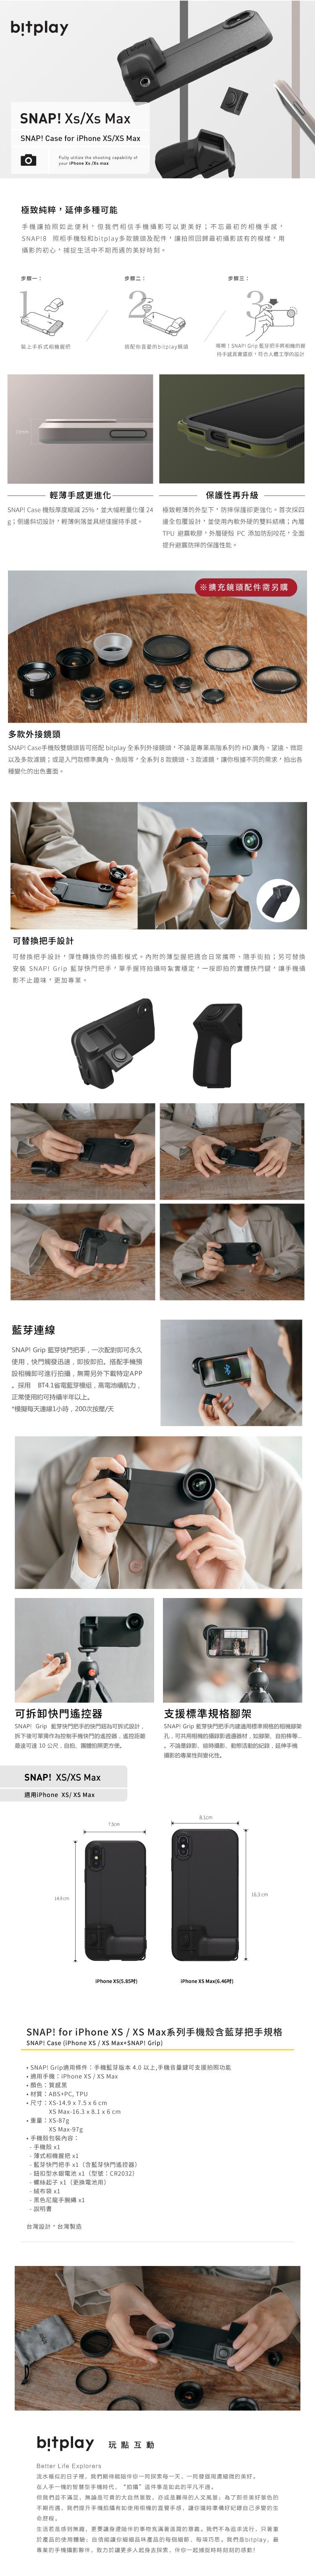 iXs-黑+藍芽把手-bundle組合